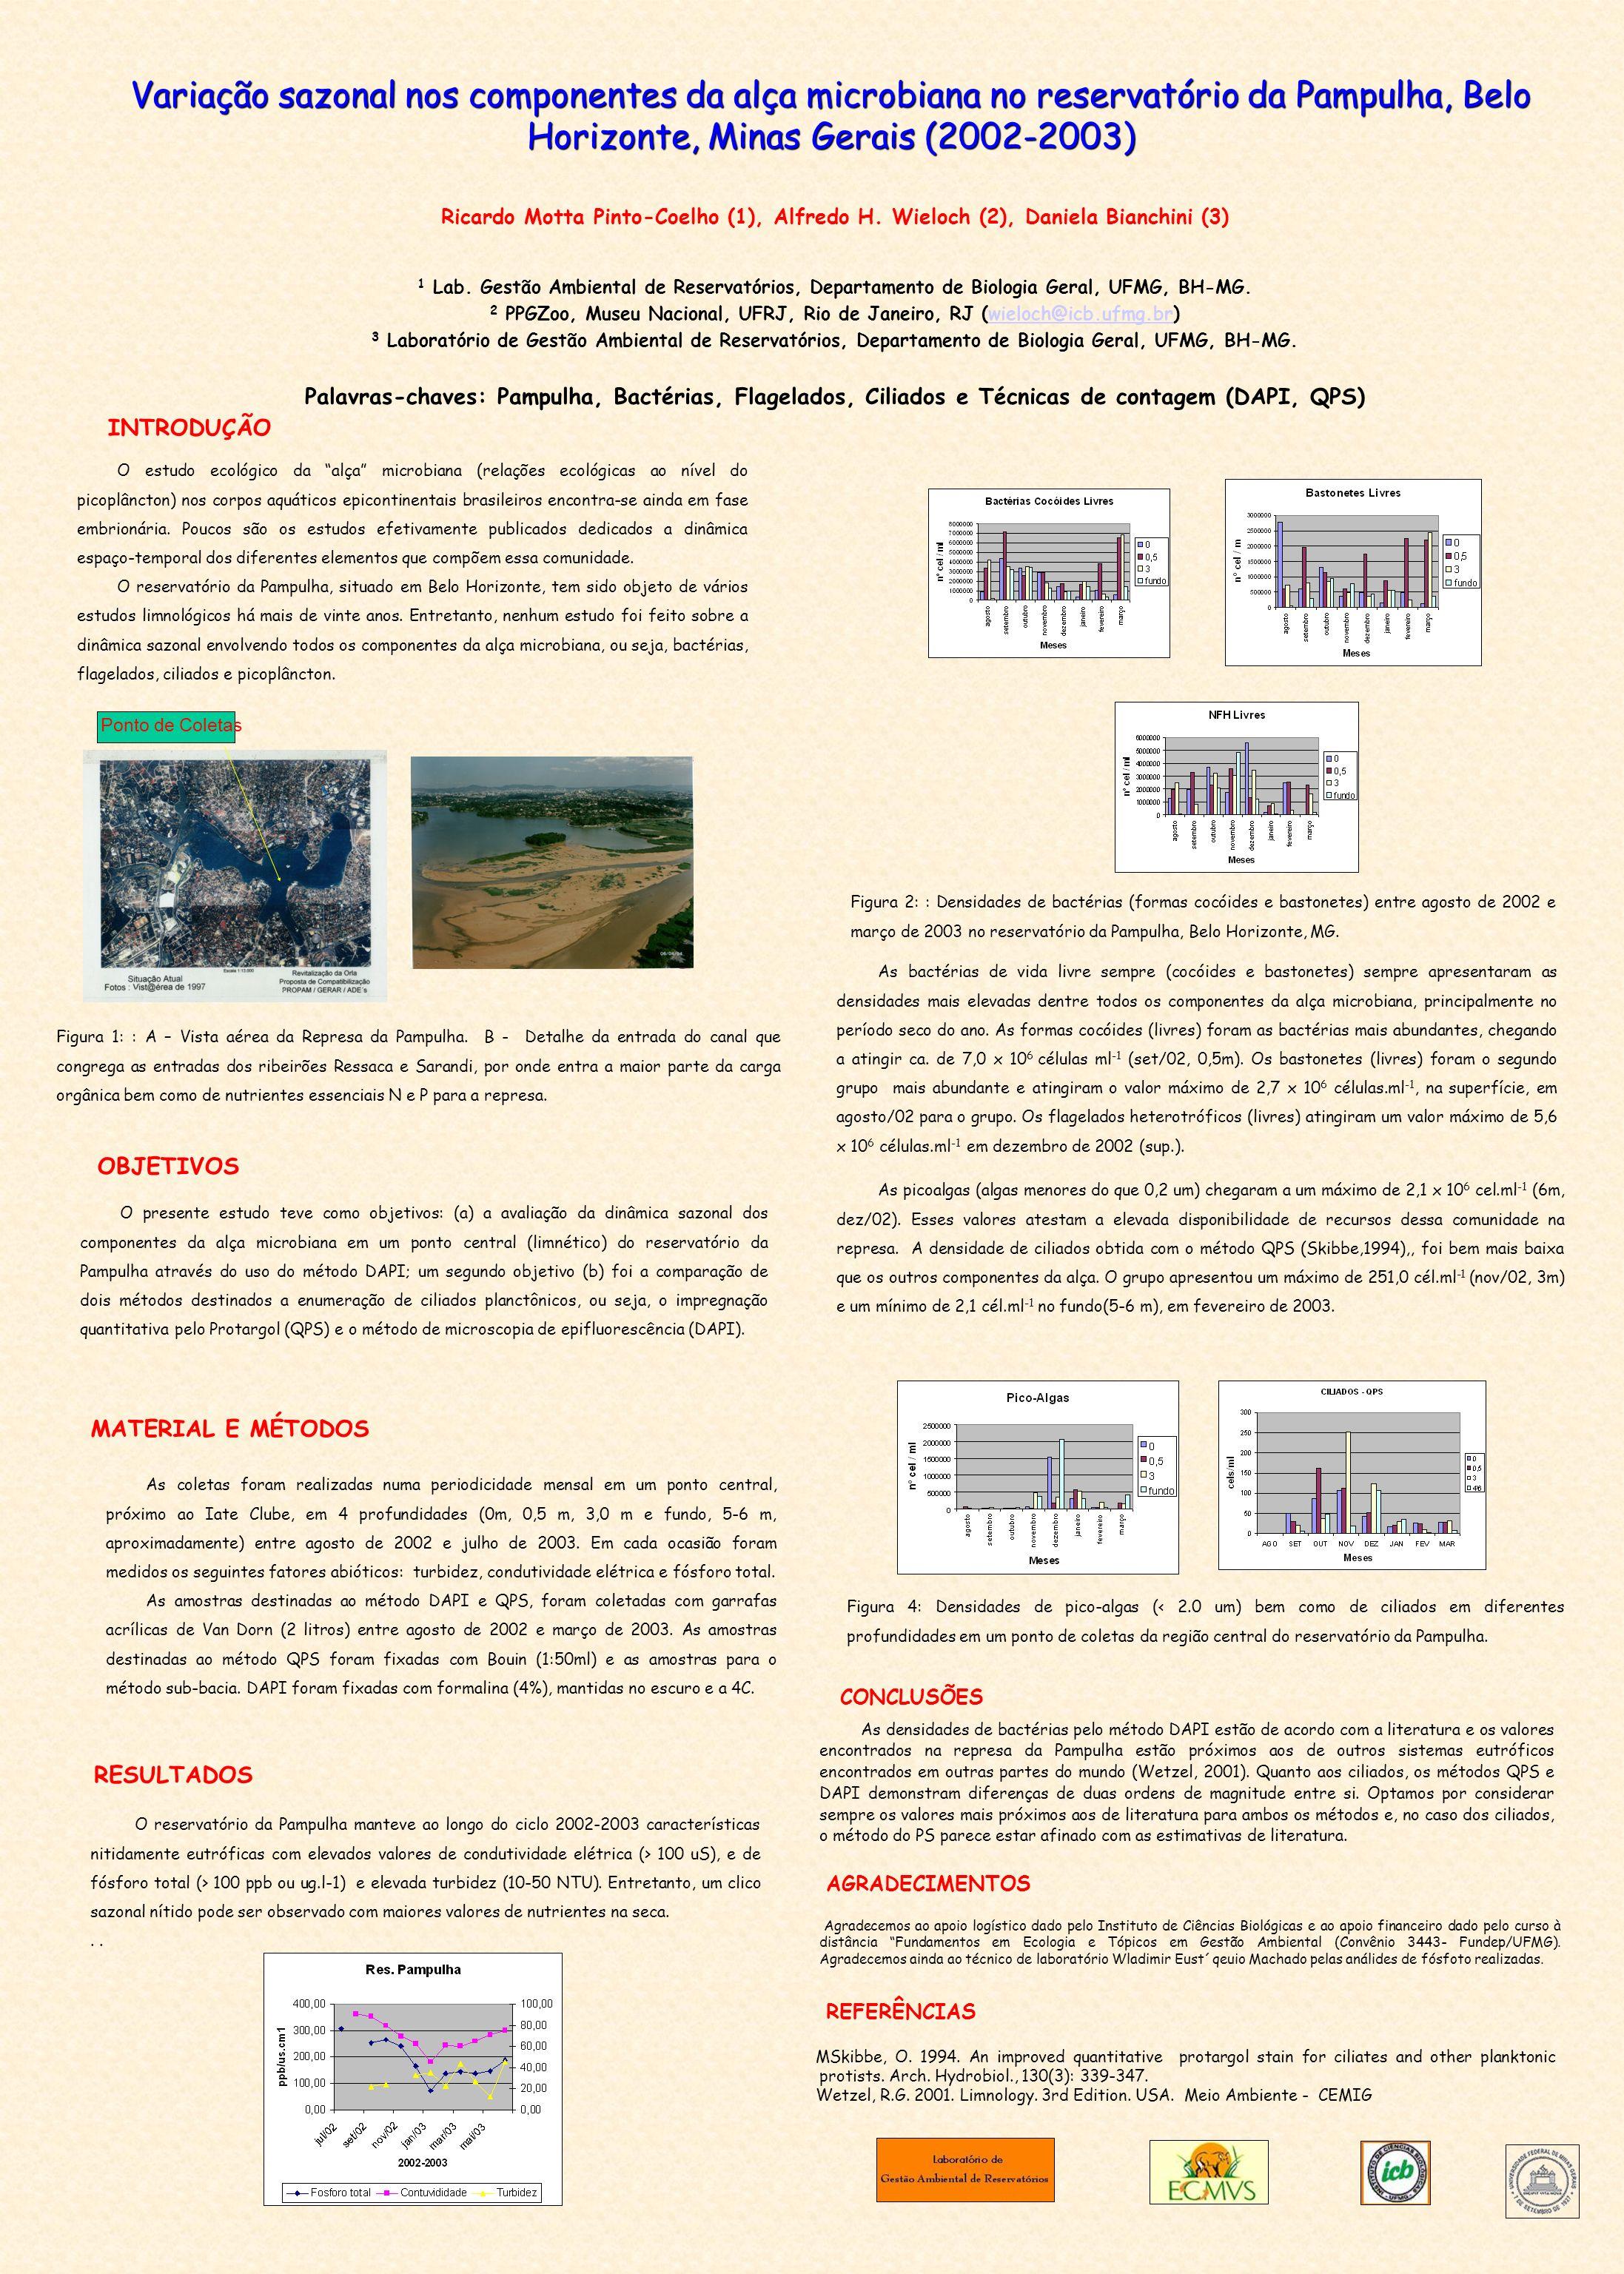 Variação sazonal nos componentes da alça microbiana no reservatório da Pampulha, Belo Horizonte, Minas Gerais (2002-2003) Ricardo Motta Pinto-Coelho (